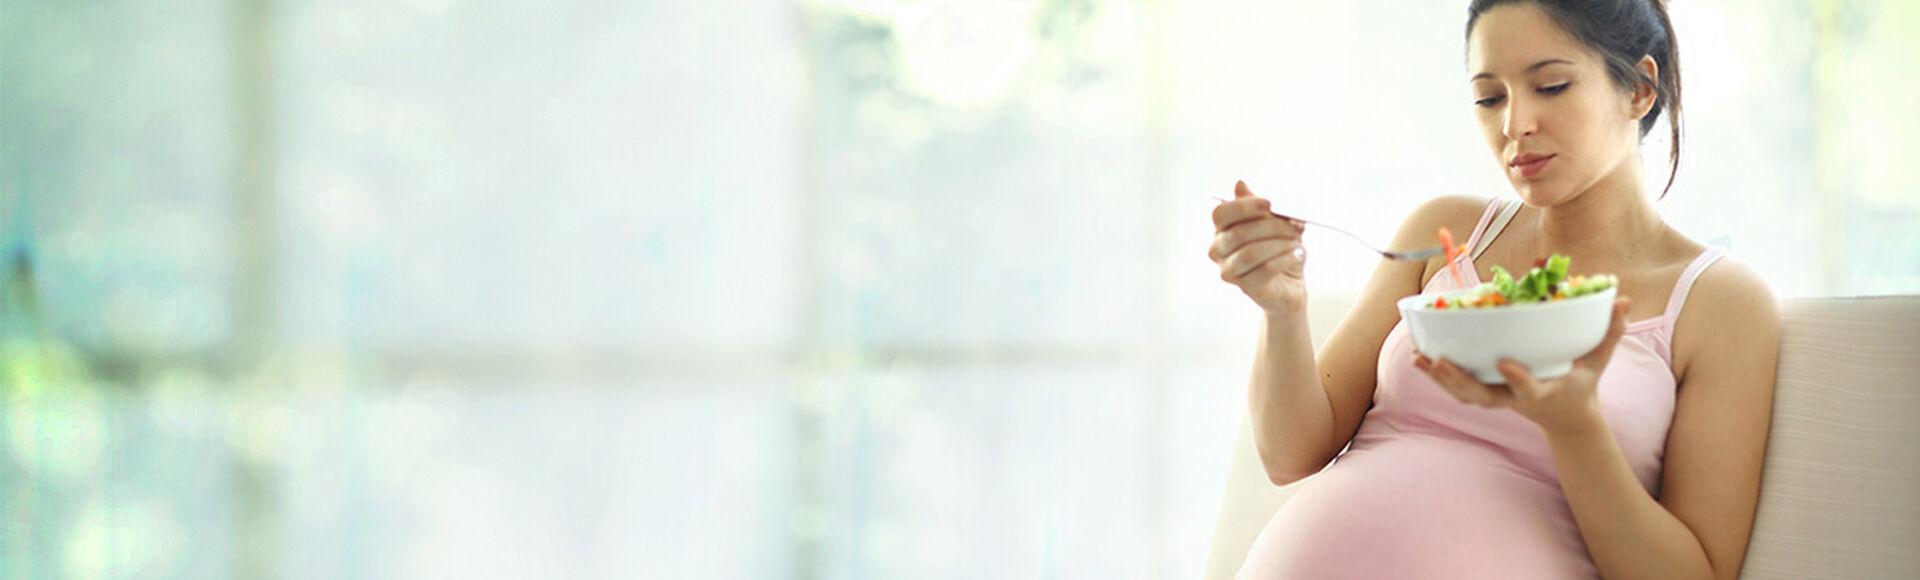 Recomendaciones nutricionales en el embarazo   Más Abrazos by Huggies